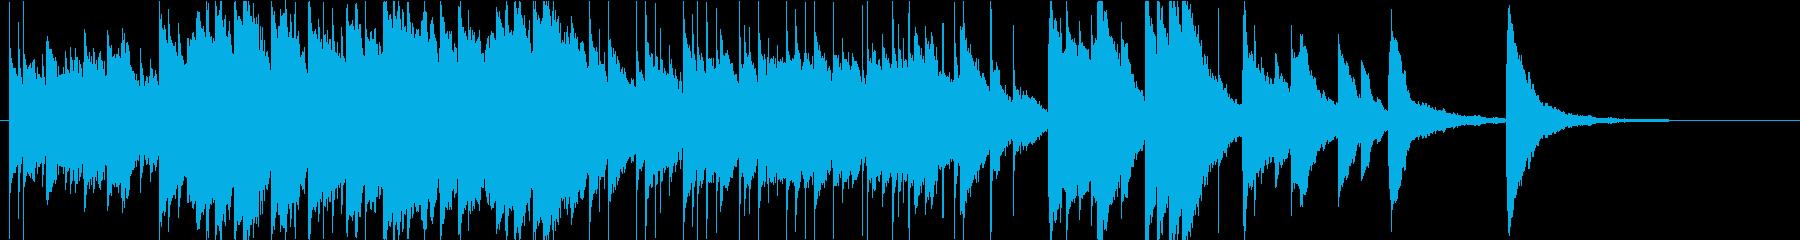 少し切ないハッピーエンド的オルゴールの再生済みの波形